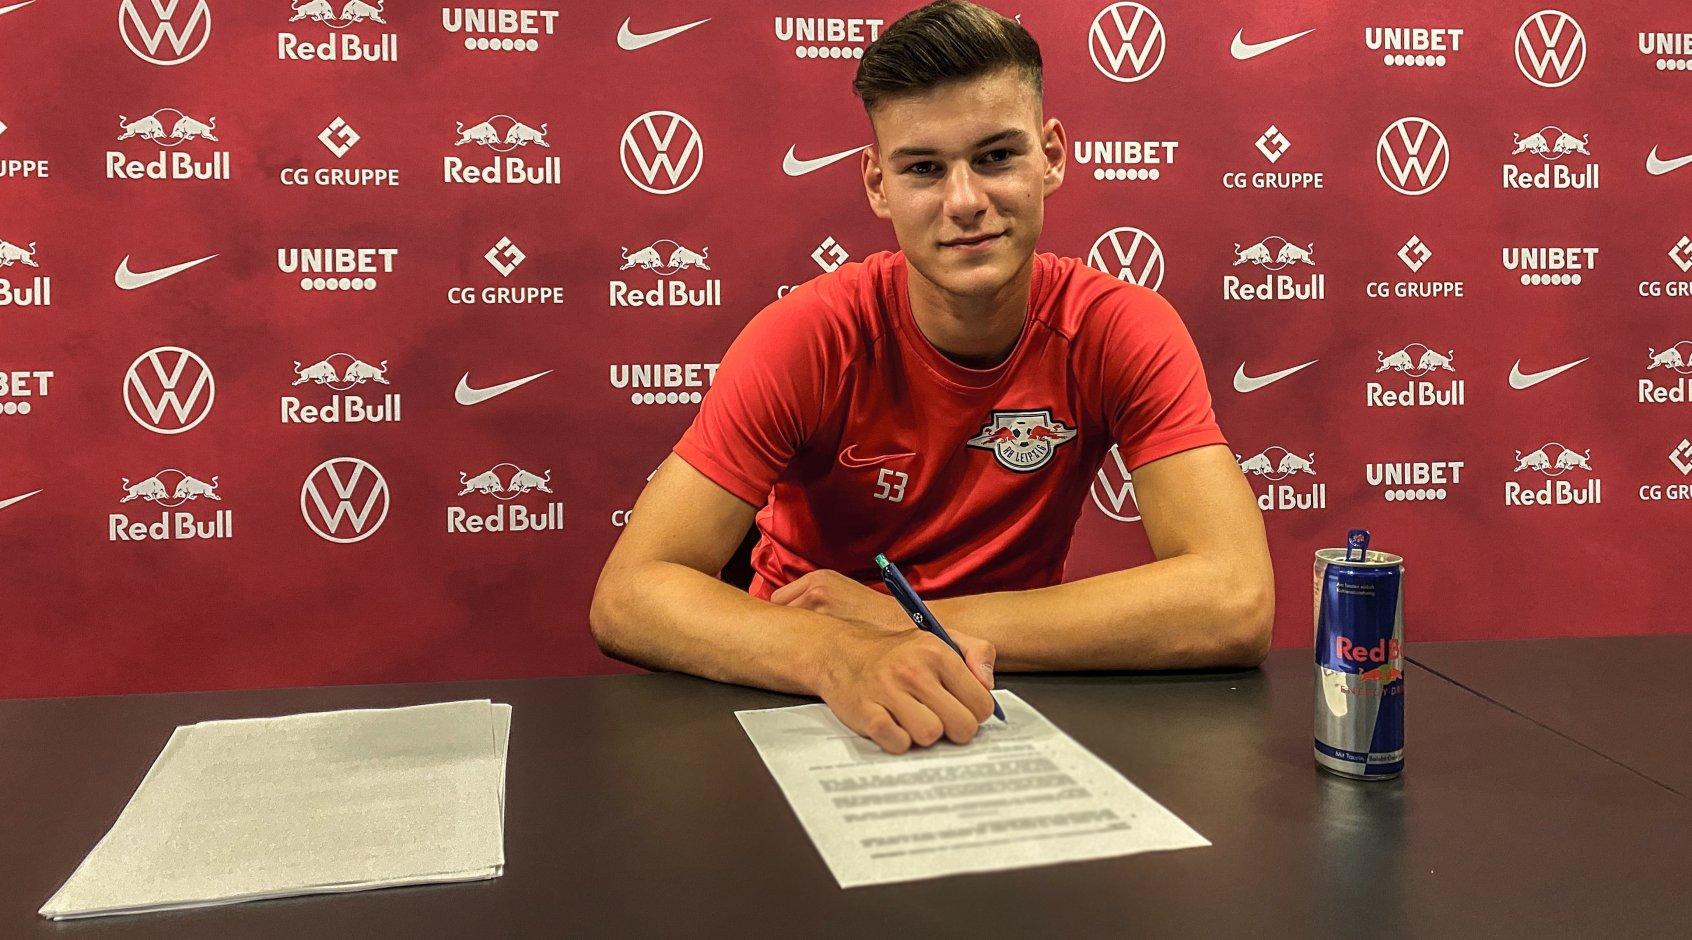 """Официально: """"Лейпциг"""" продлил контракт до 2025 года с юным воспитанником клуба"""